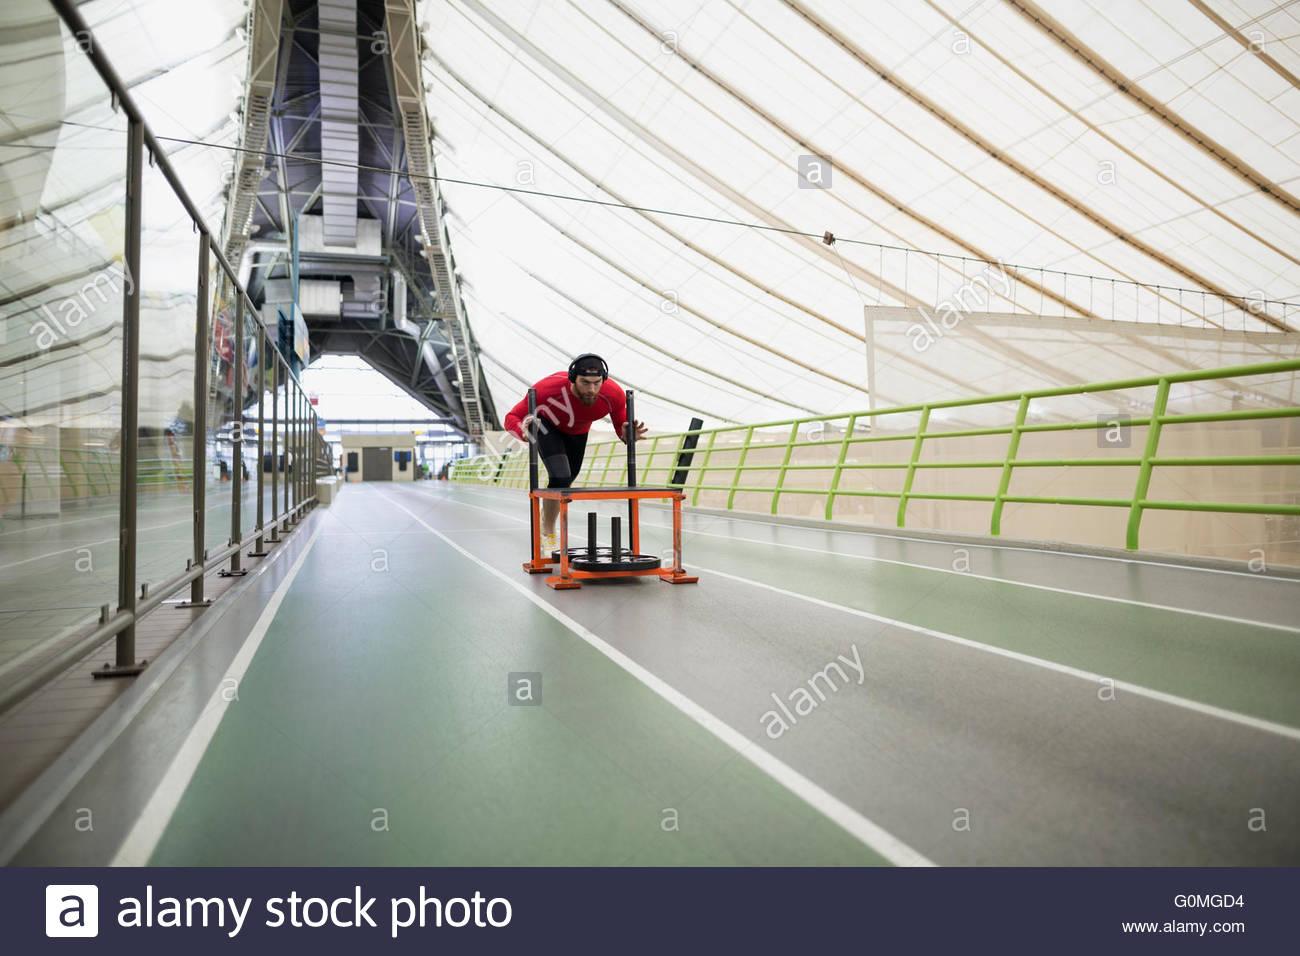 Runner spingendo in volata sled sulla pista interna Immagini Stock